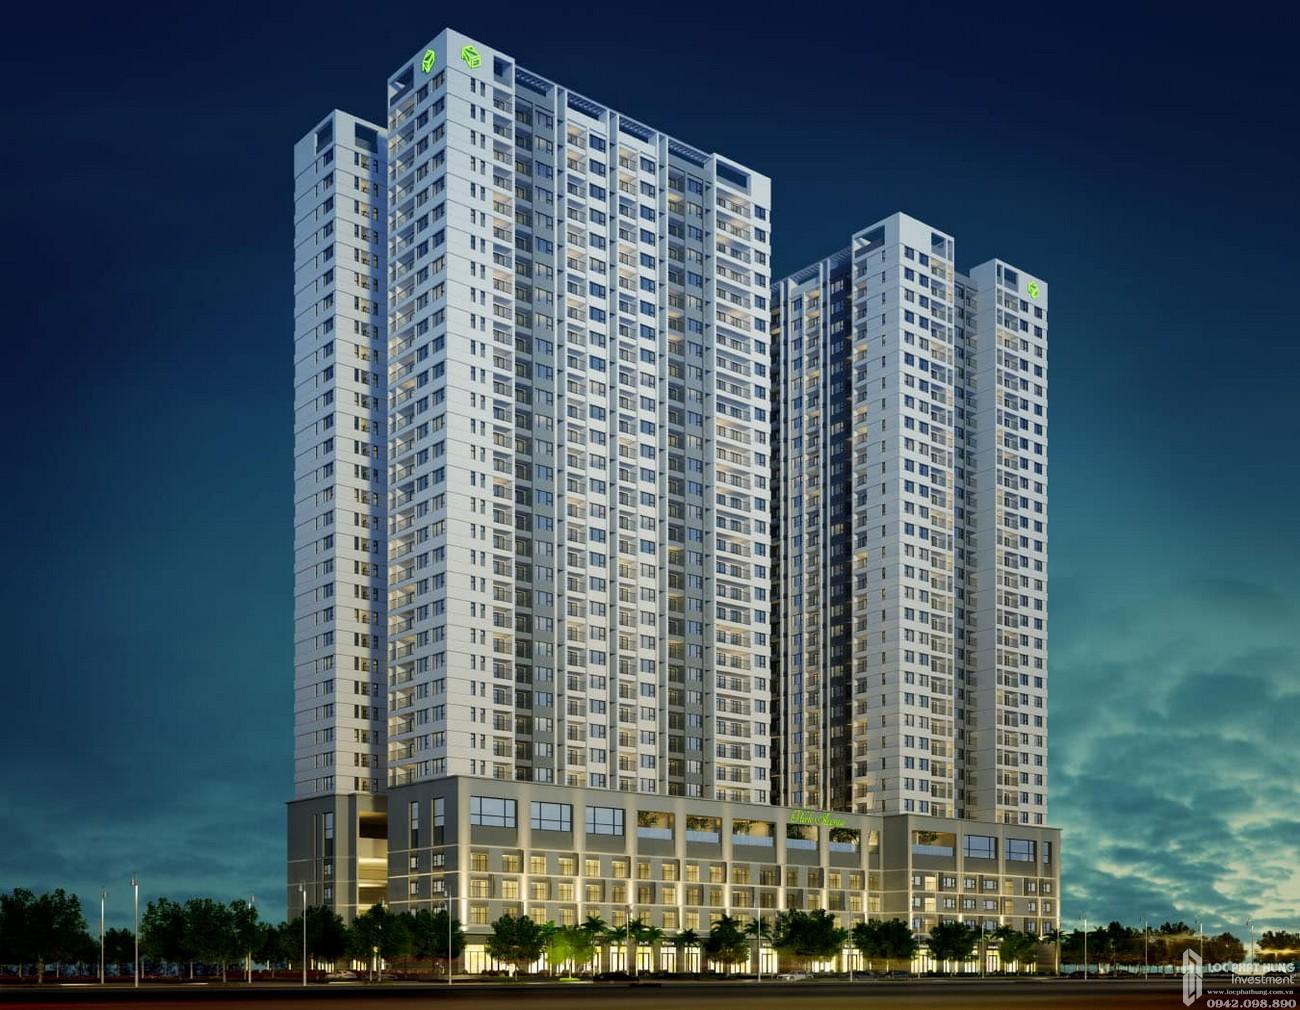 Phối cảnh tổng thể dự án căn hộ chung cư The Park Avenue Quận 11 Đường Lê Đại Hành chủ đầu tư Novaland